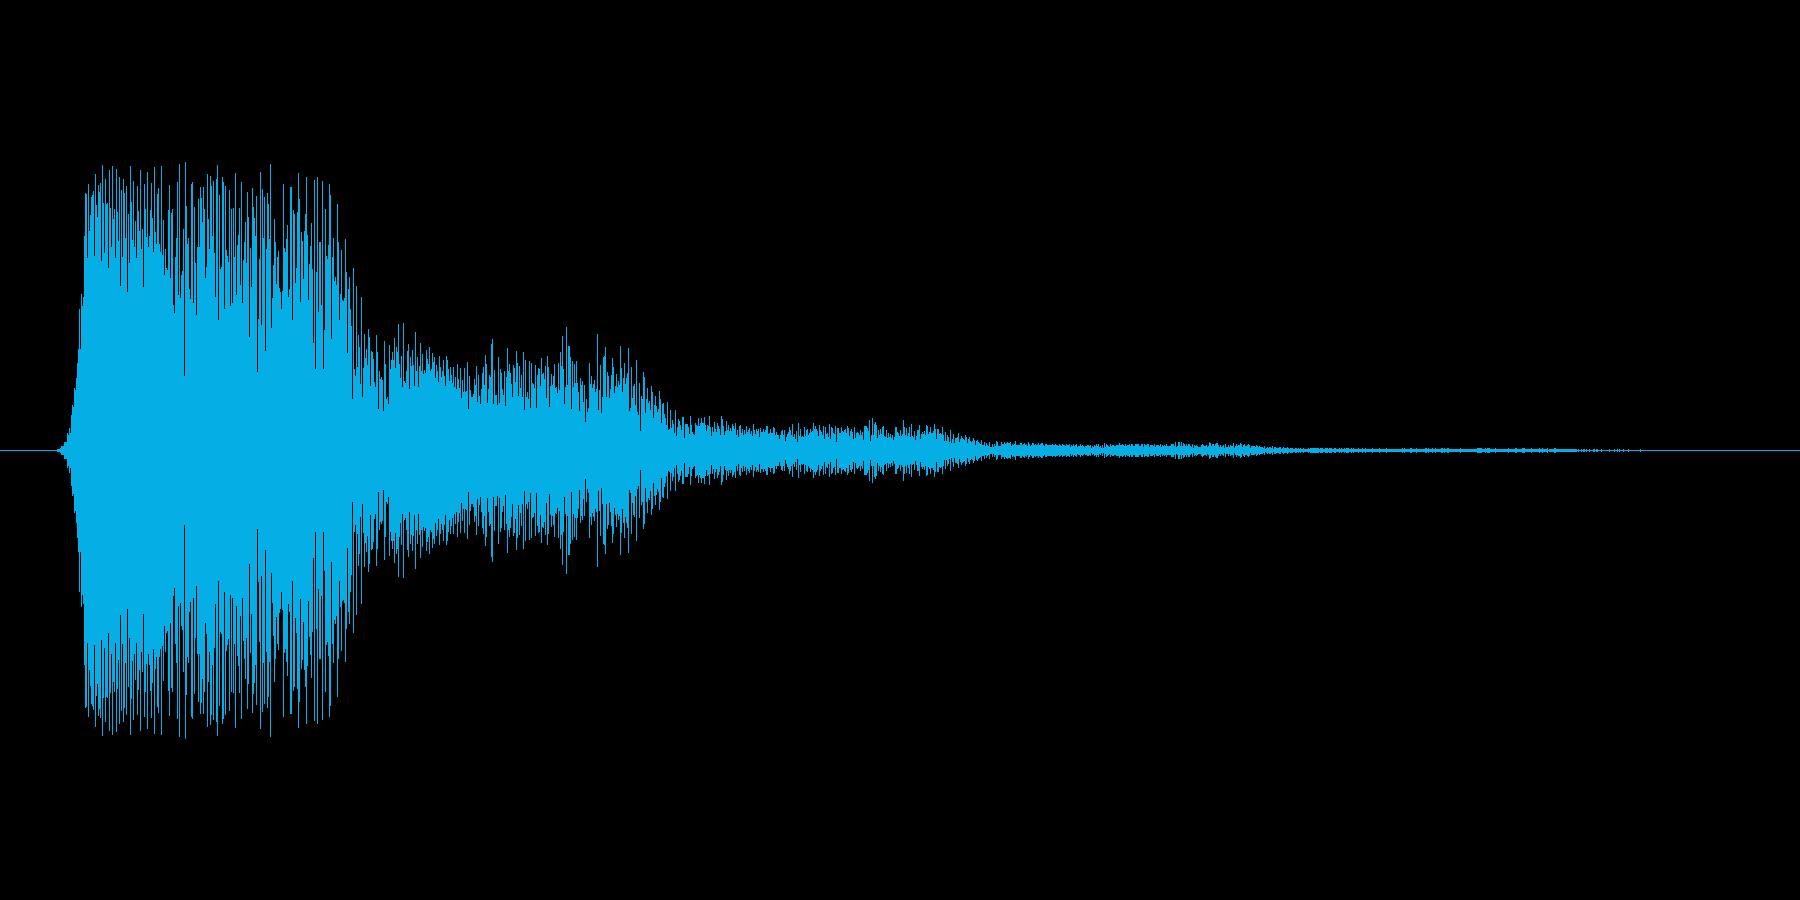 ファミコン風効果音 キャンセル系 08の再生済みの波形